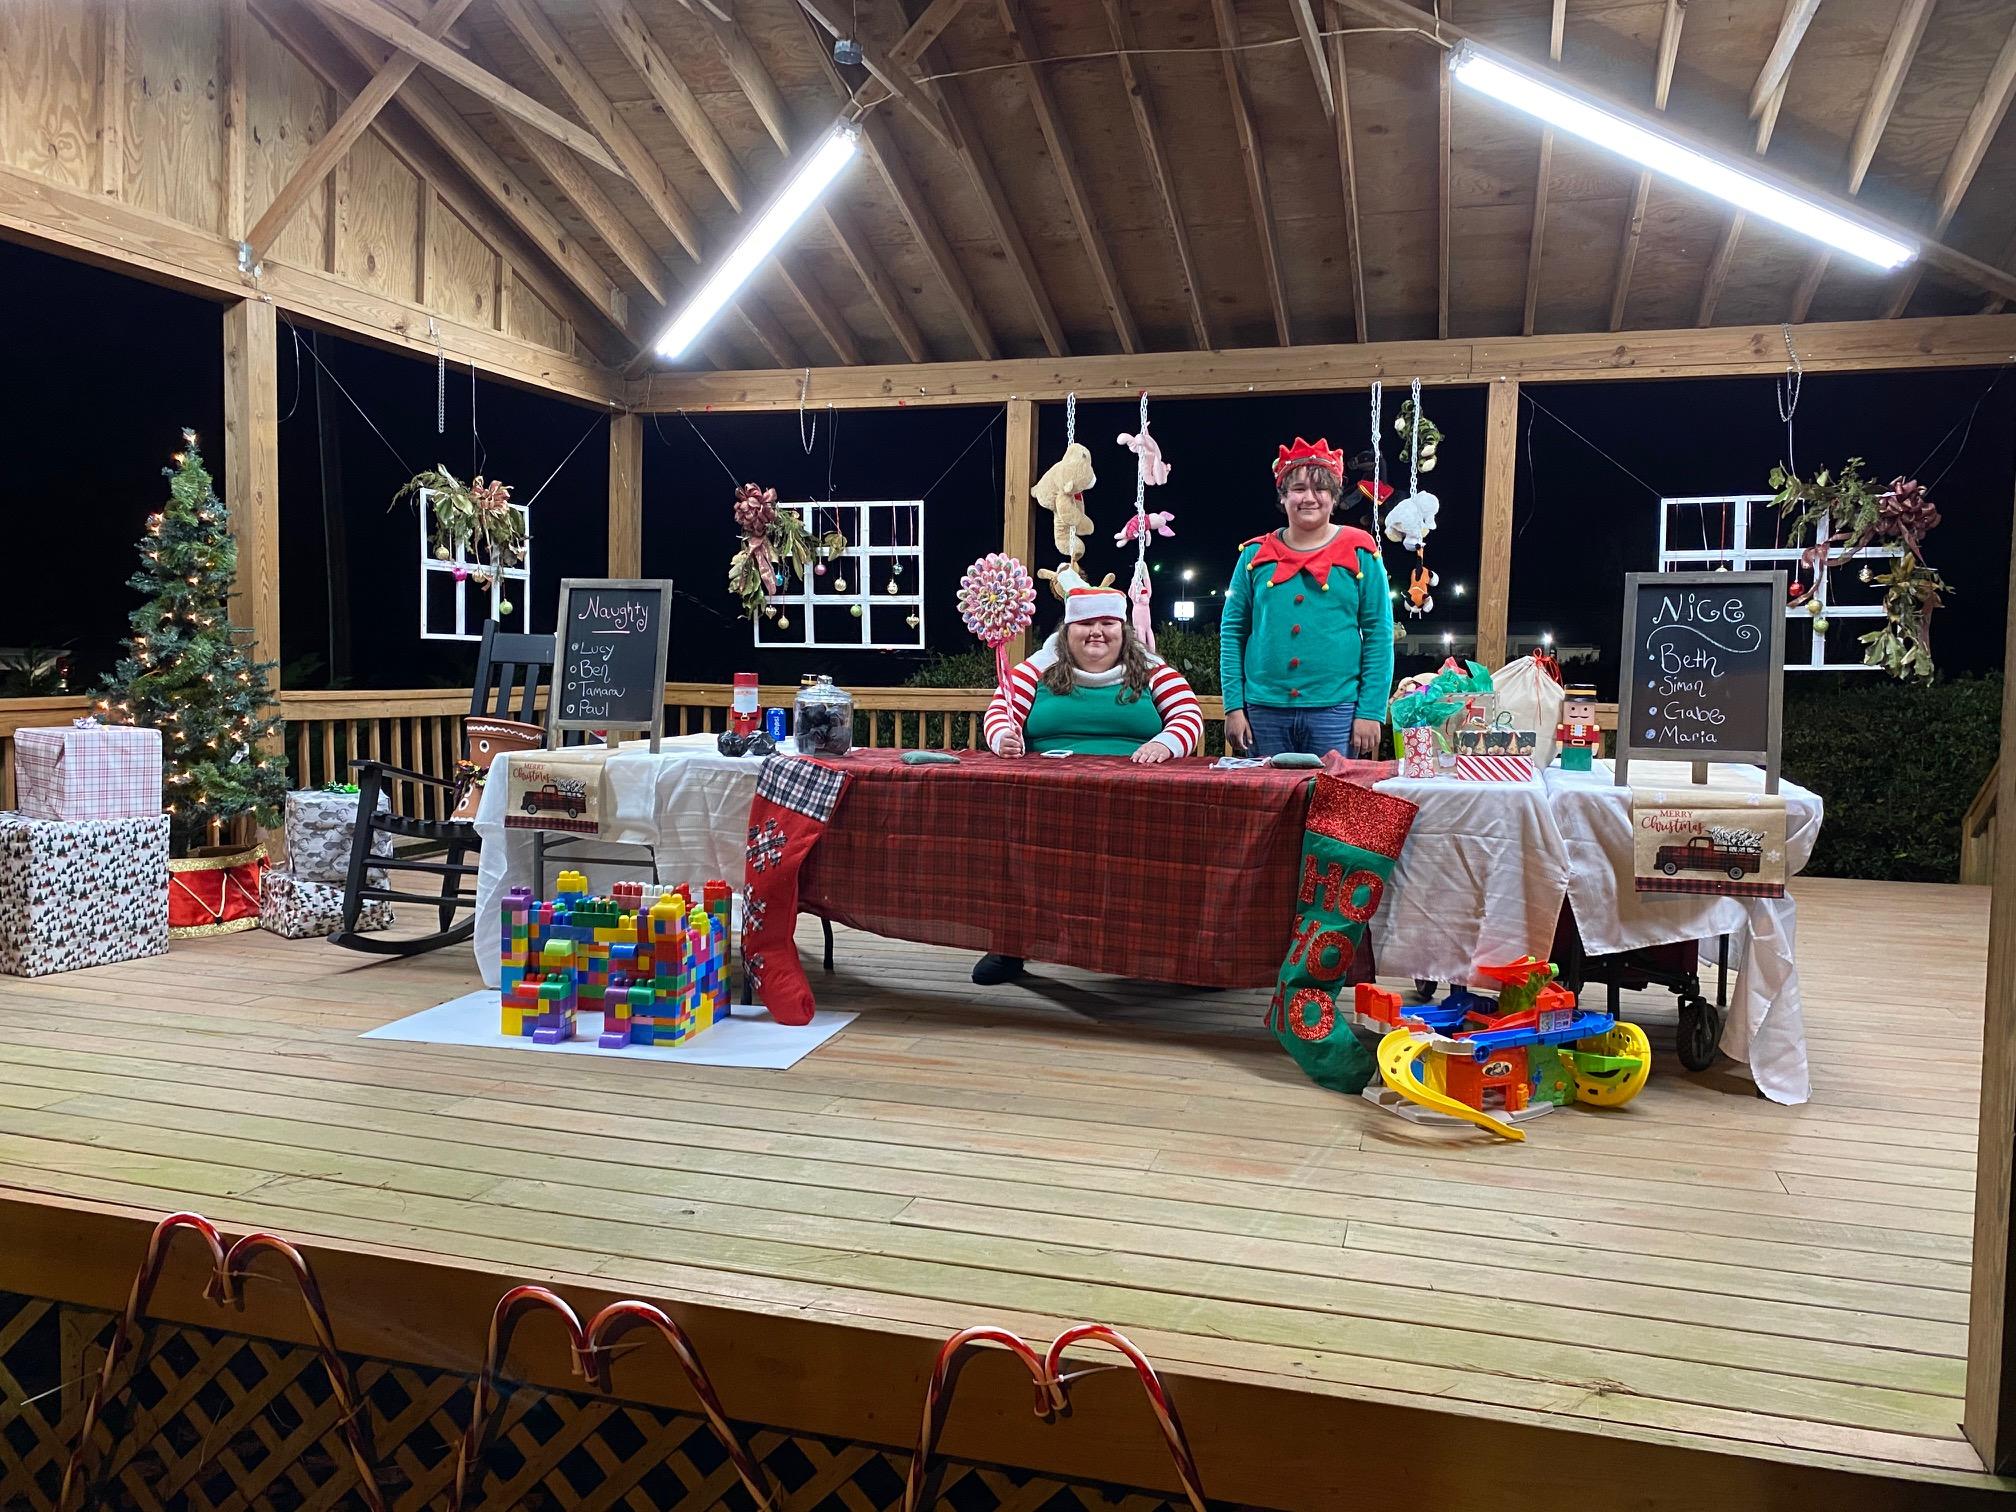 Volunteers in Santa's Workshop dressed as elves.